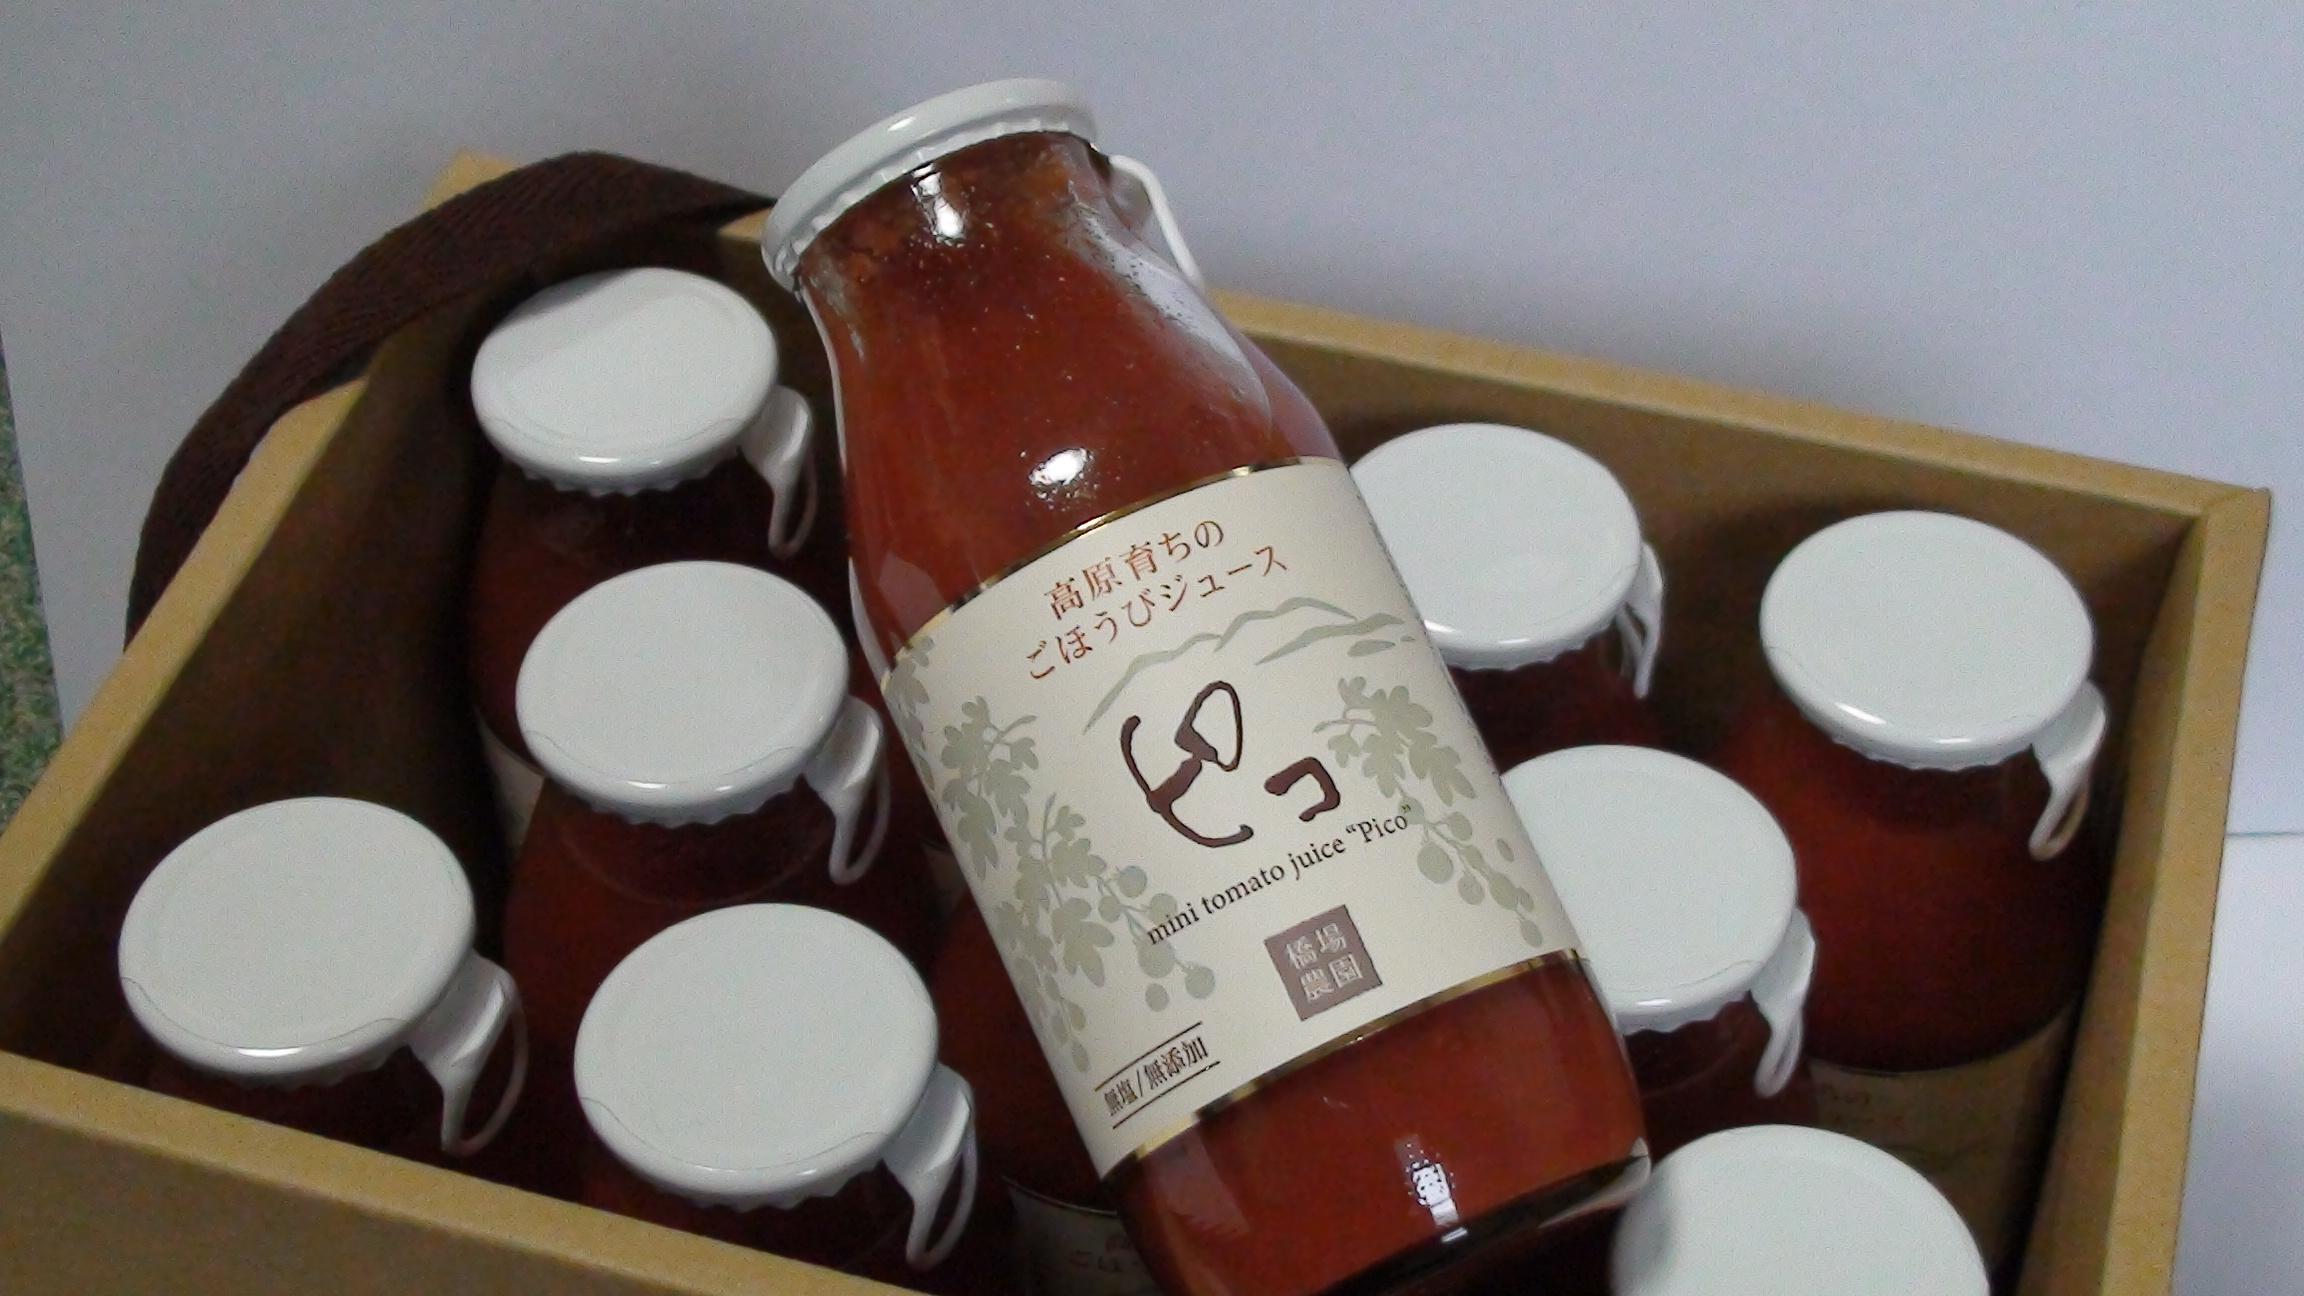 ミニトマトジュース「ピコ」11本